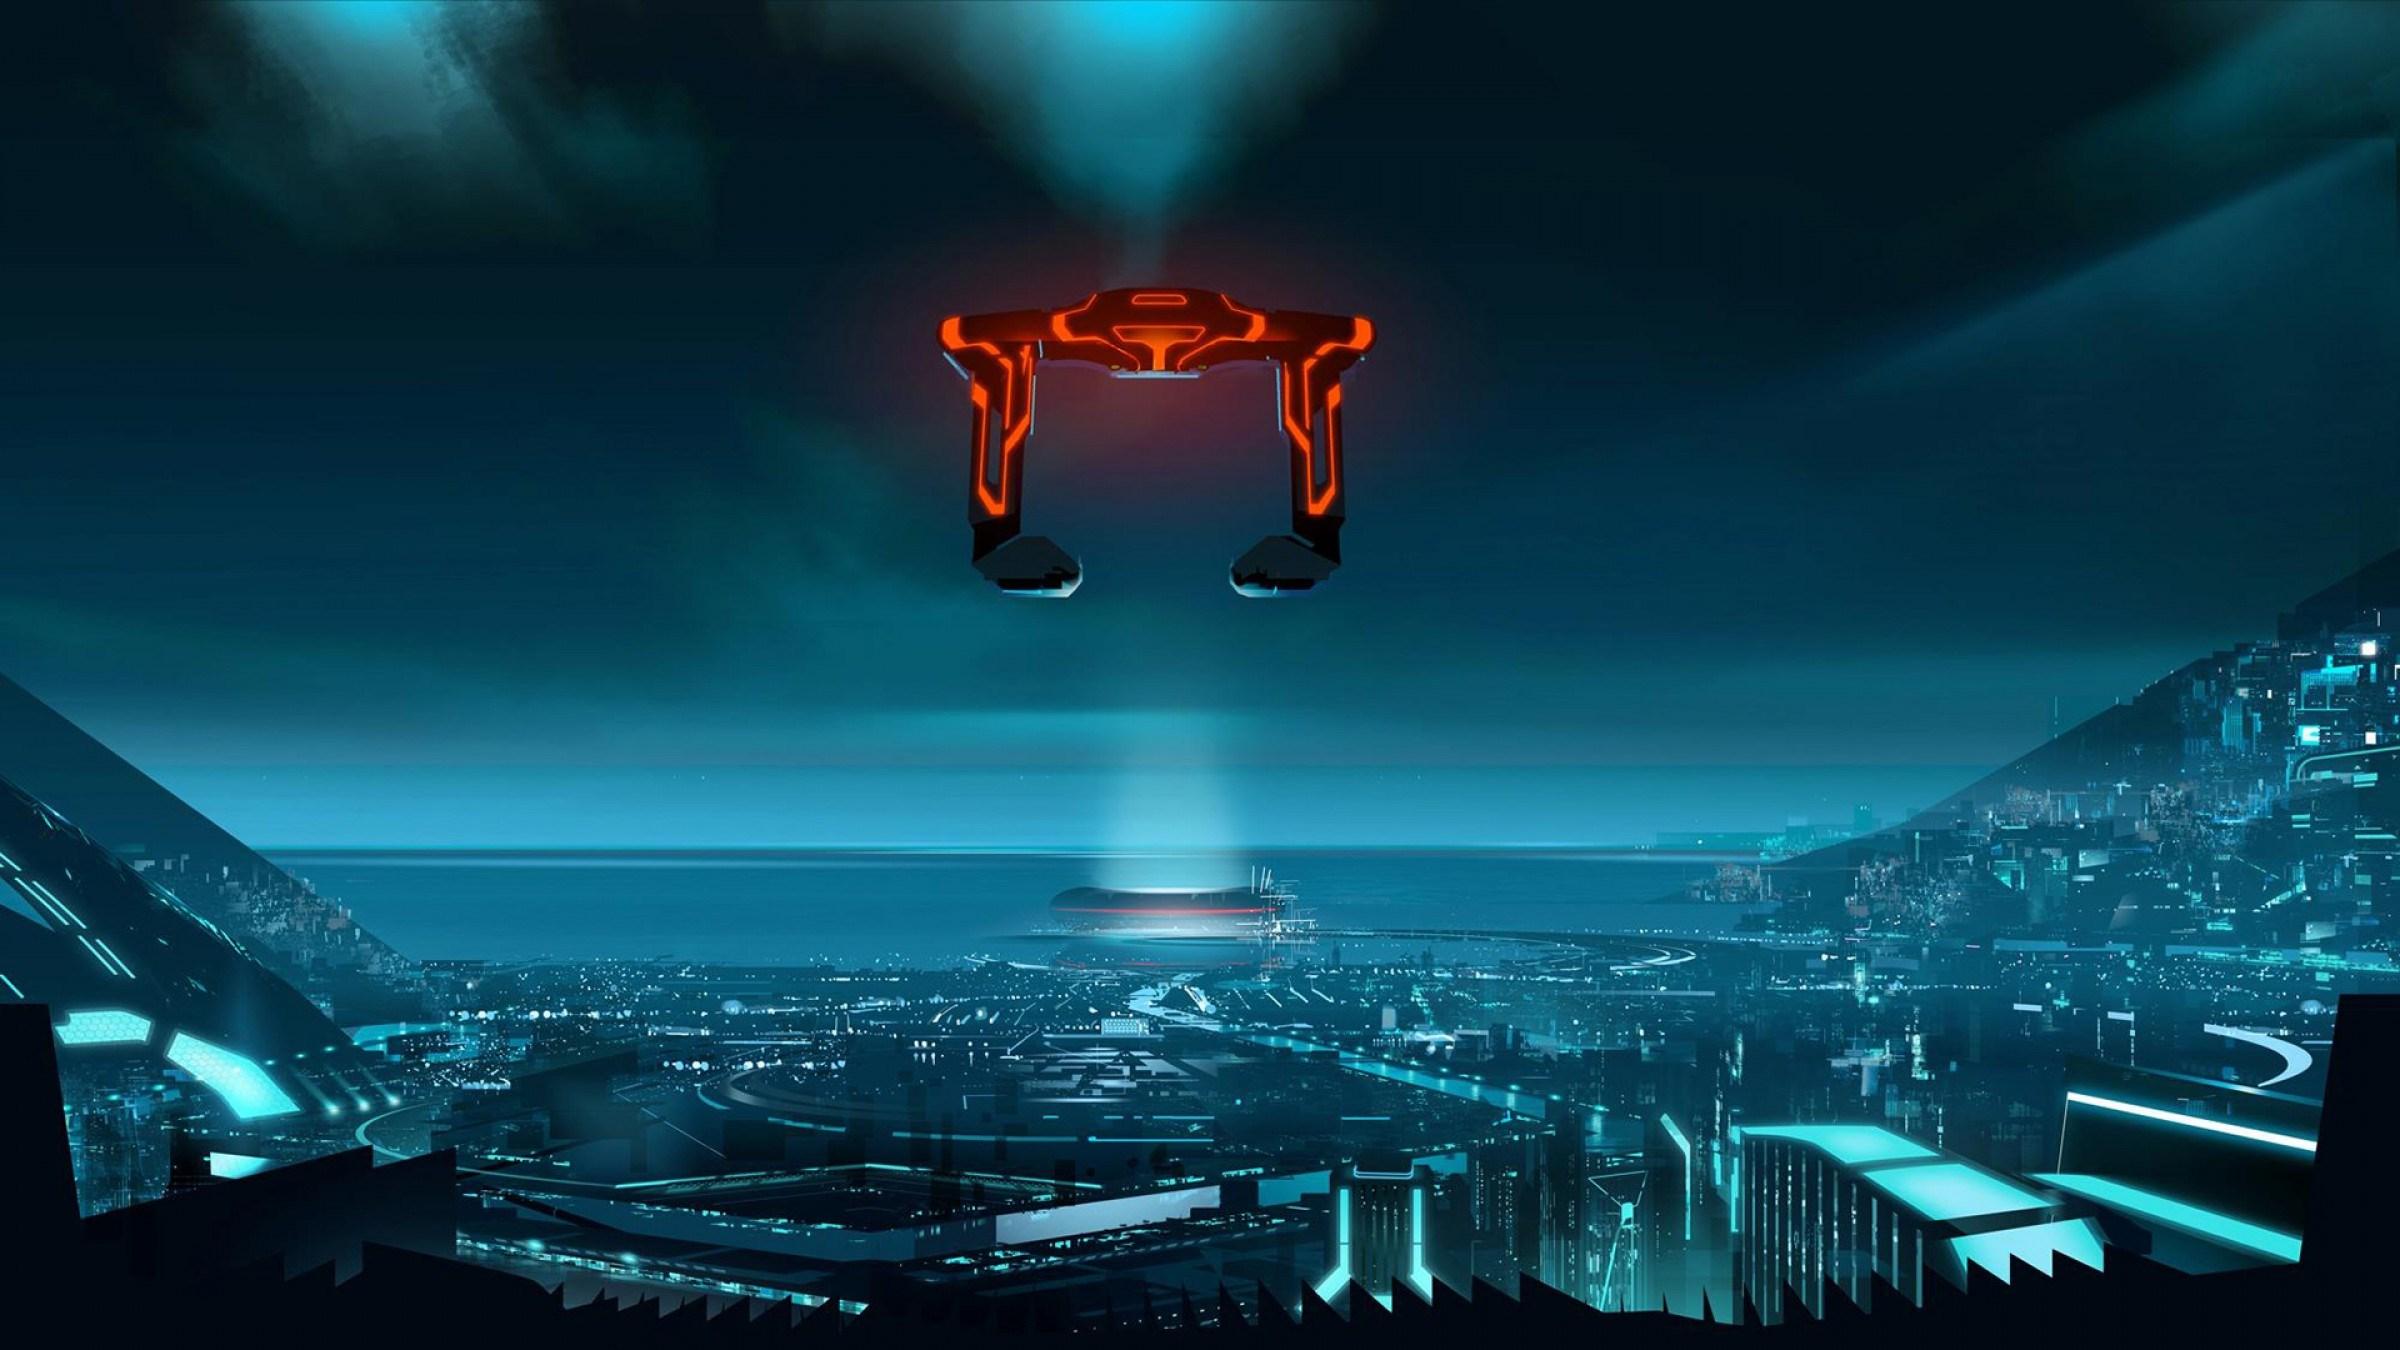 Tron: Deadly Discs Backgrounds, Compatible - PC, Mobile, Gadgets| 2400x1350 px